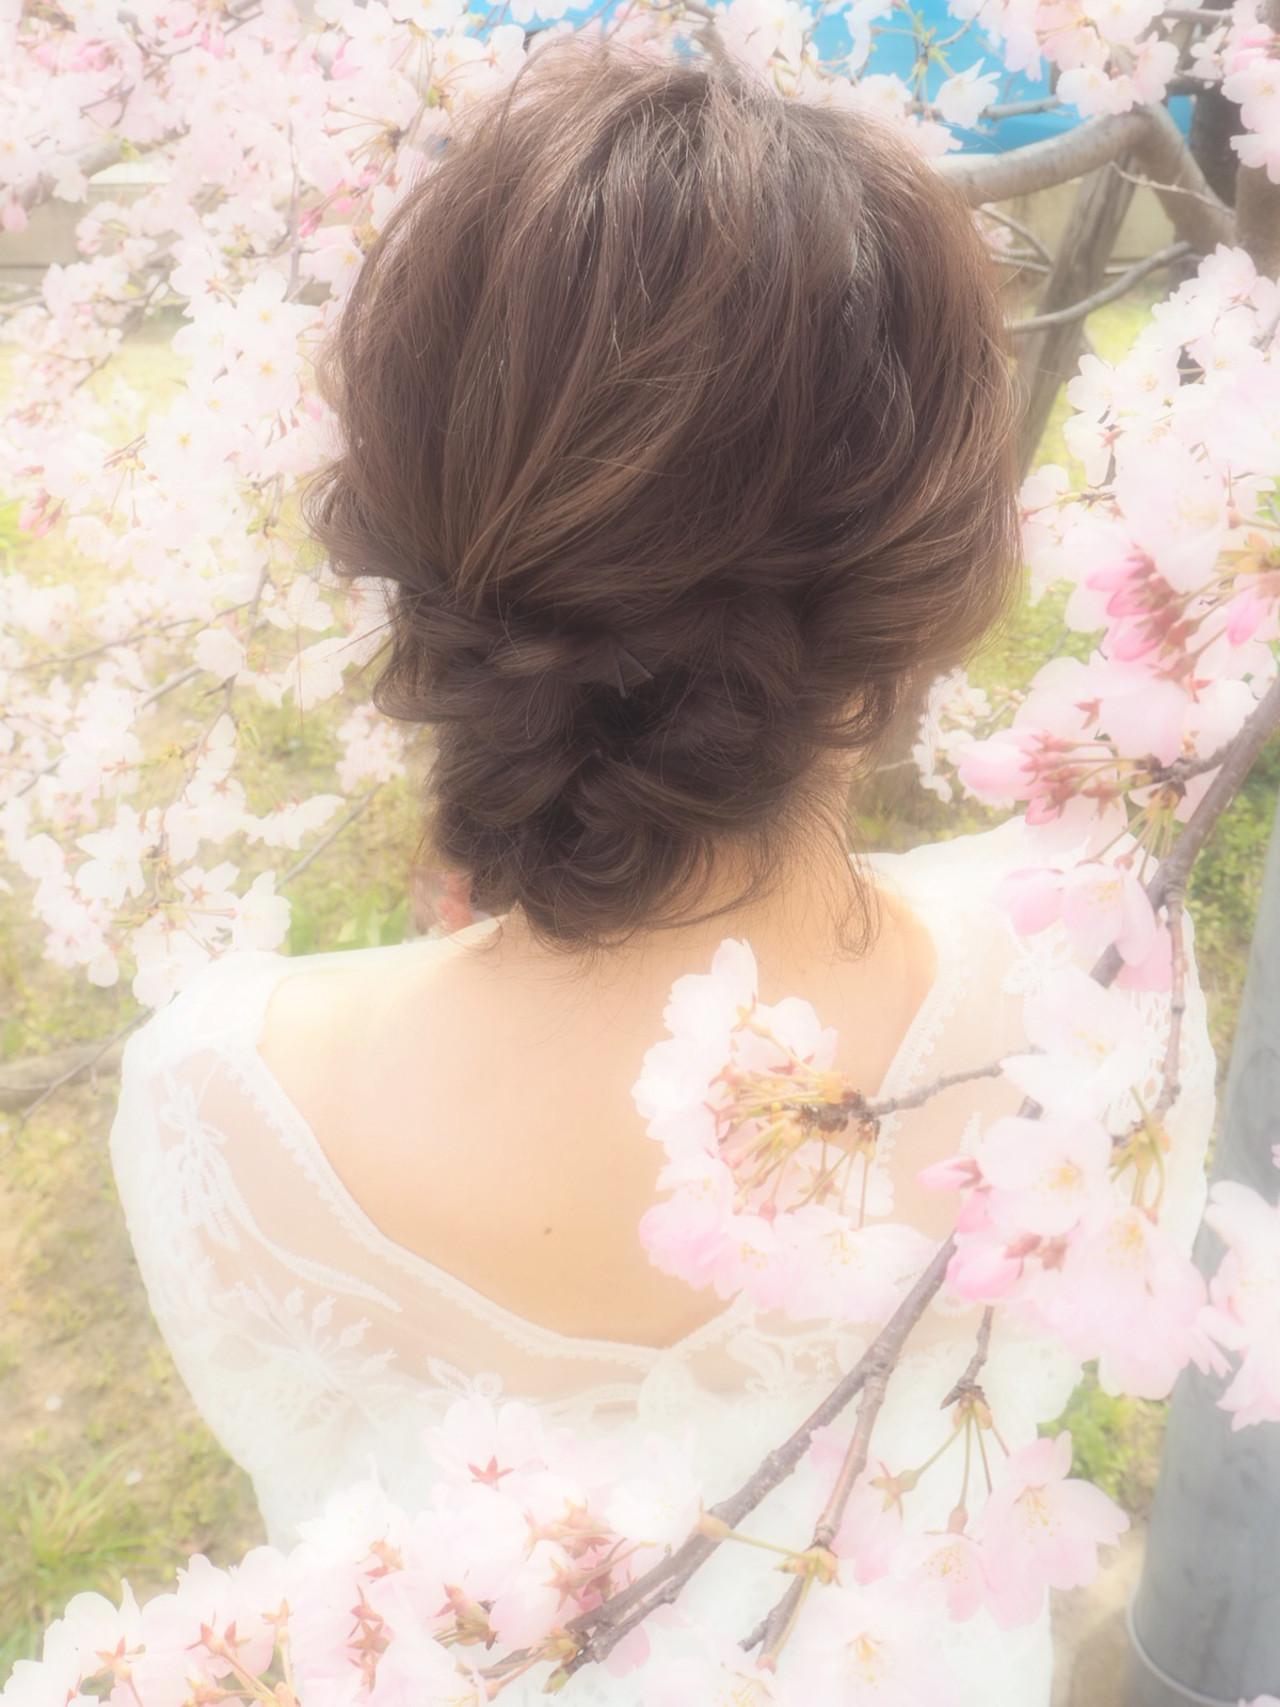 ふんわり愛されヘア♡ミディアムのフェミニンおしゃれな髪型 桃子SKbeauty&essex